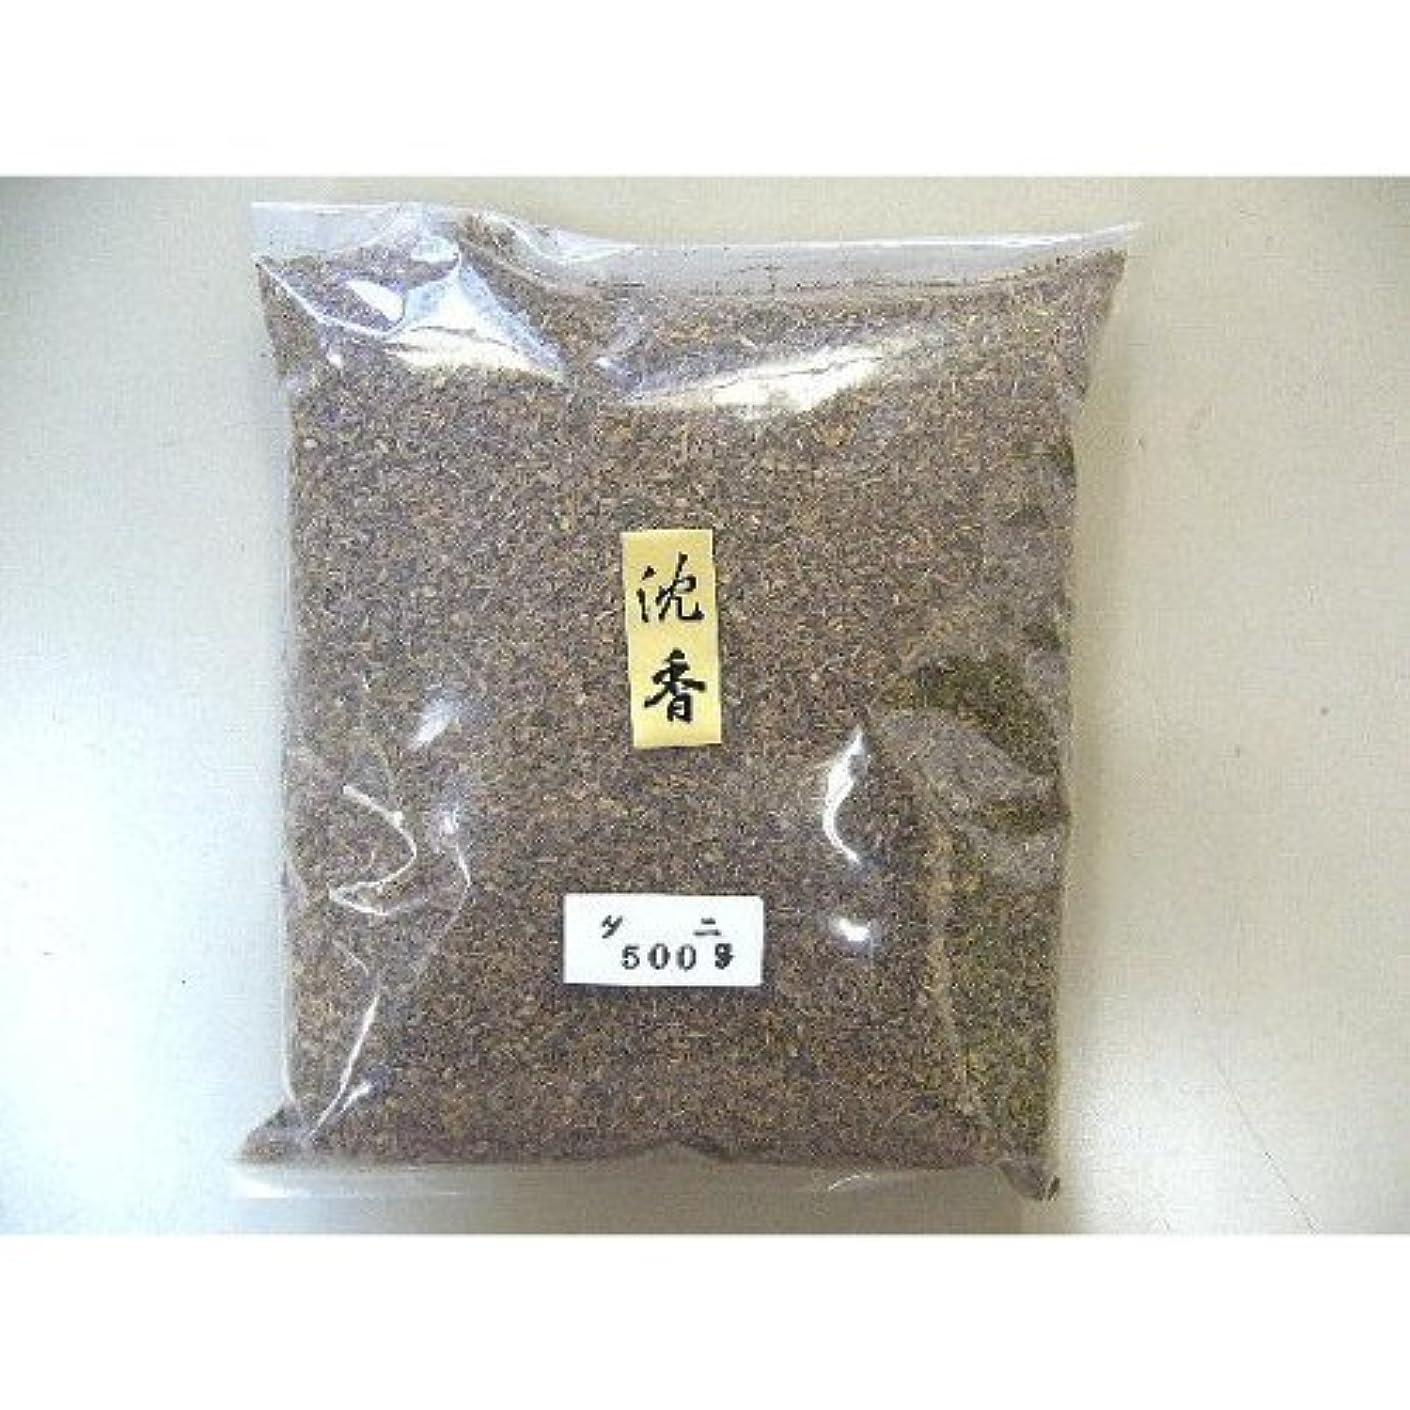 弾性切り離すつまずくインドネシア産 タニ沈香(刻み)500gビニ-ル袋入